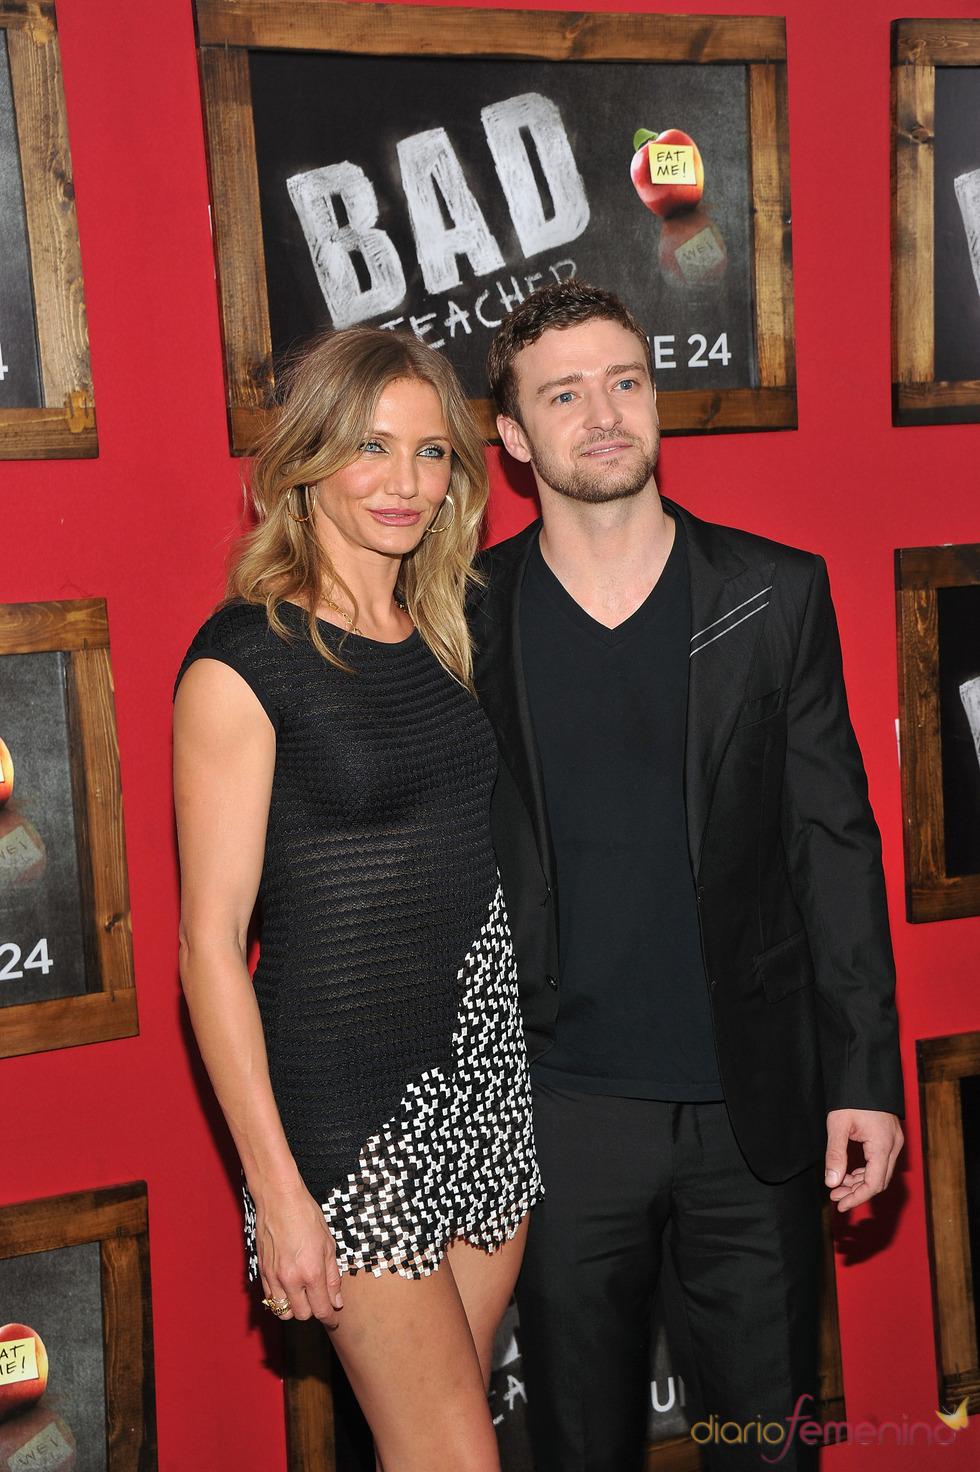 Cameron Diaz y Justin Timberlake en el estreno de 'Bad teacher' en Nueva York